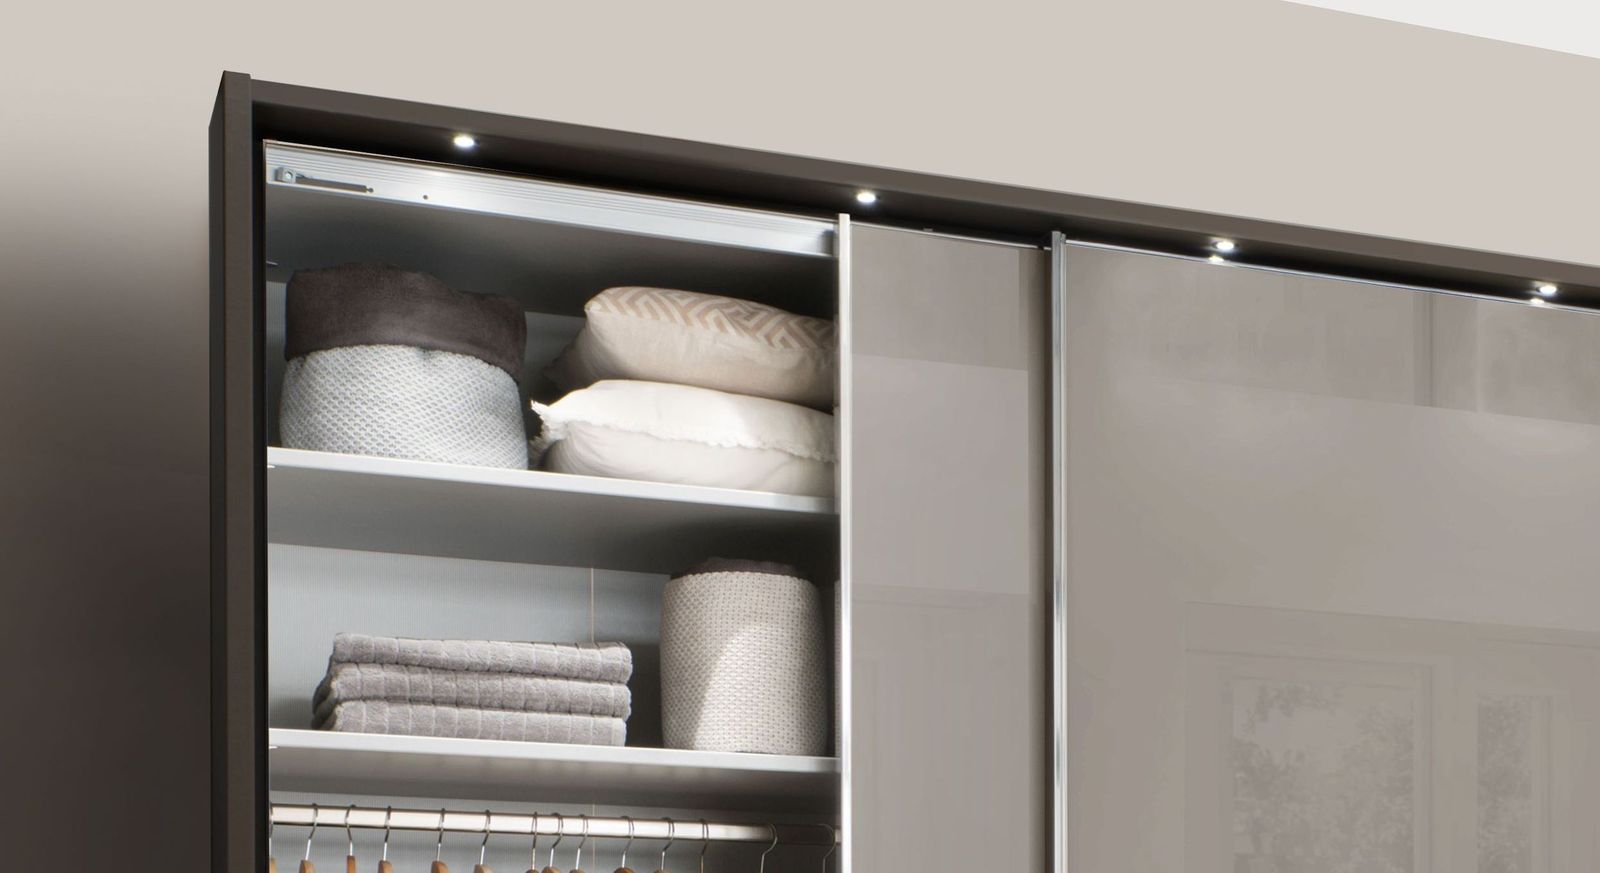 Schwebetüren-Kleiderschrank Butaco mit praktischer Innenausstattung